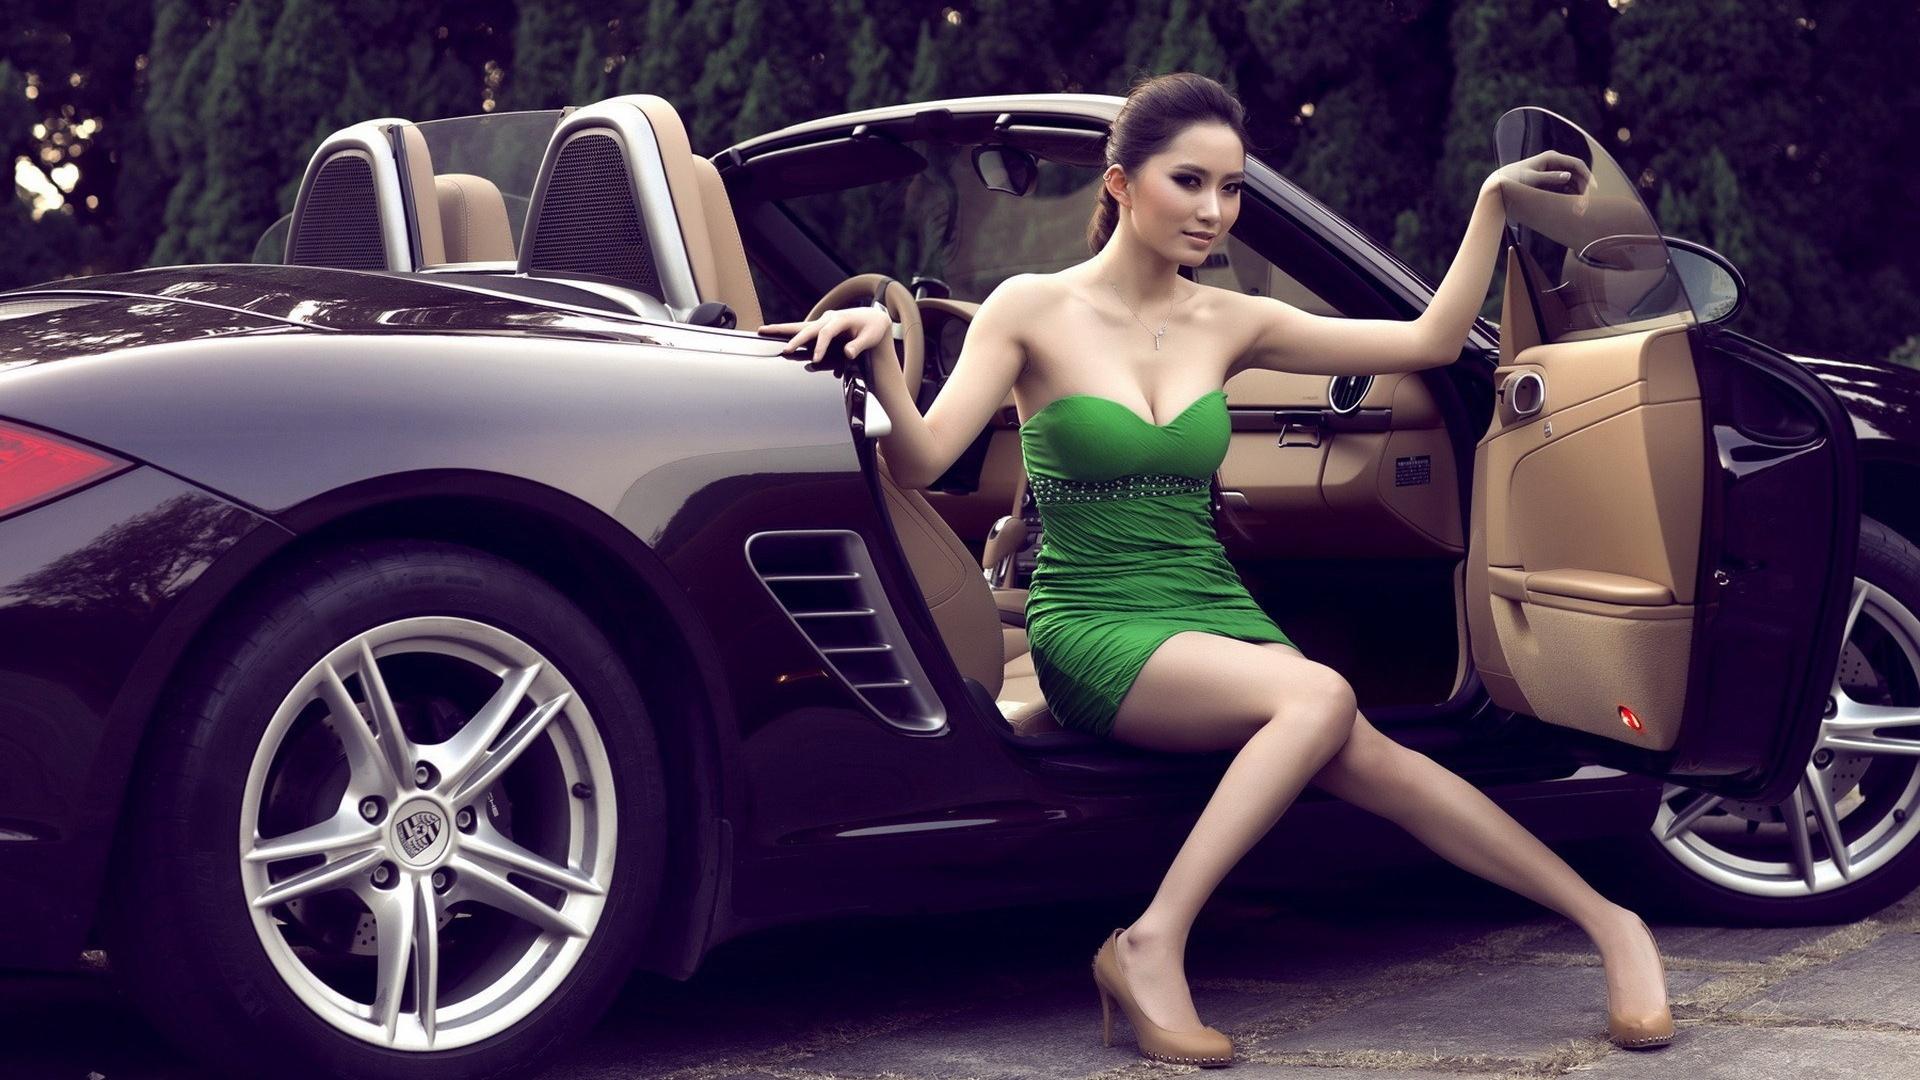 Fabulous Hot Cars Models Wallpapers te Car Girl Wallpapers